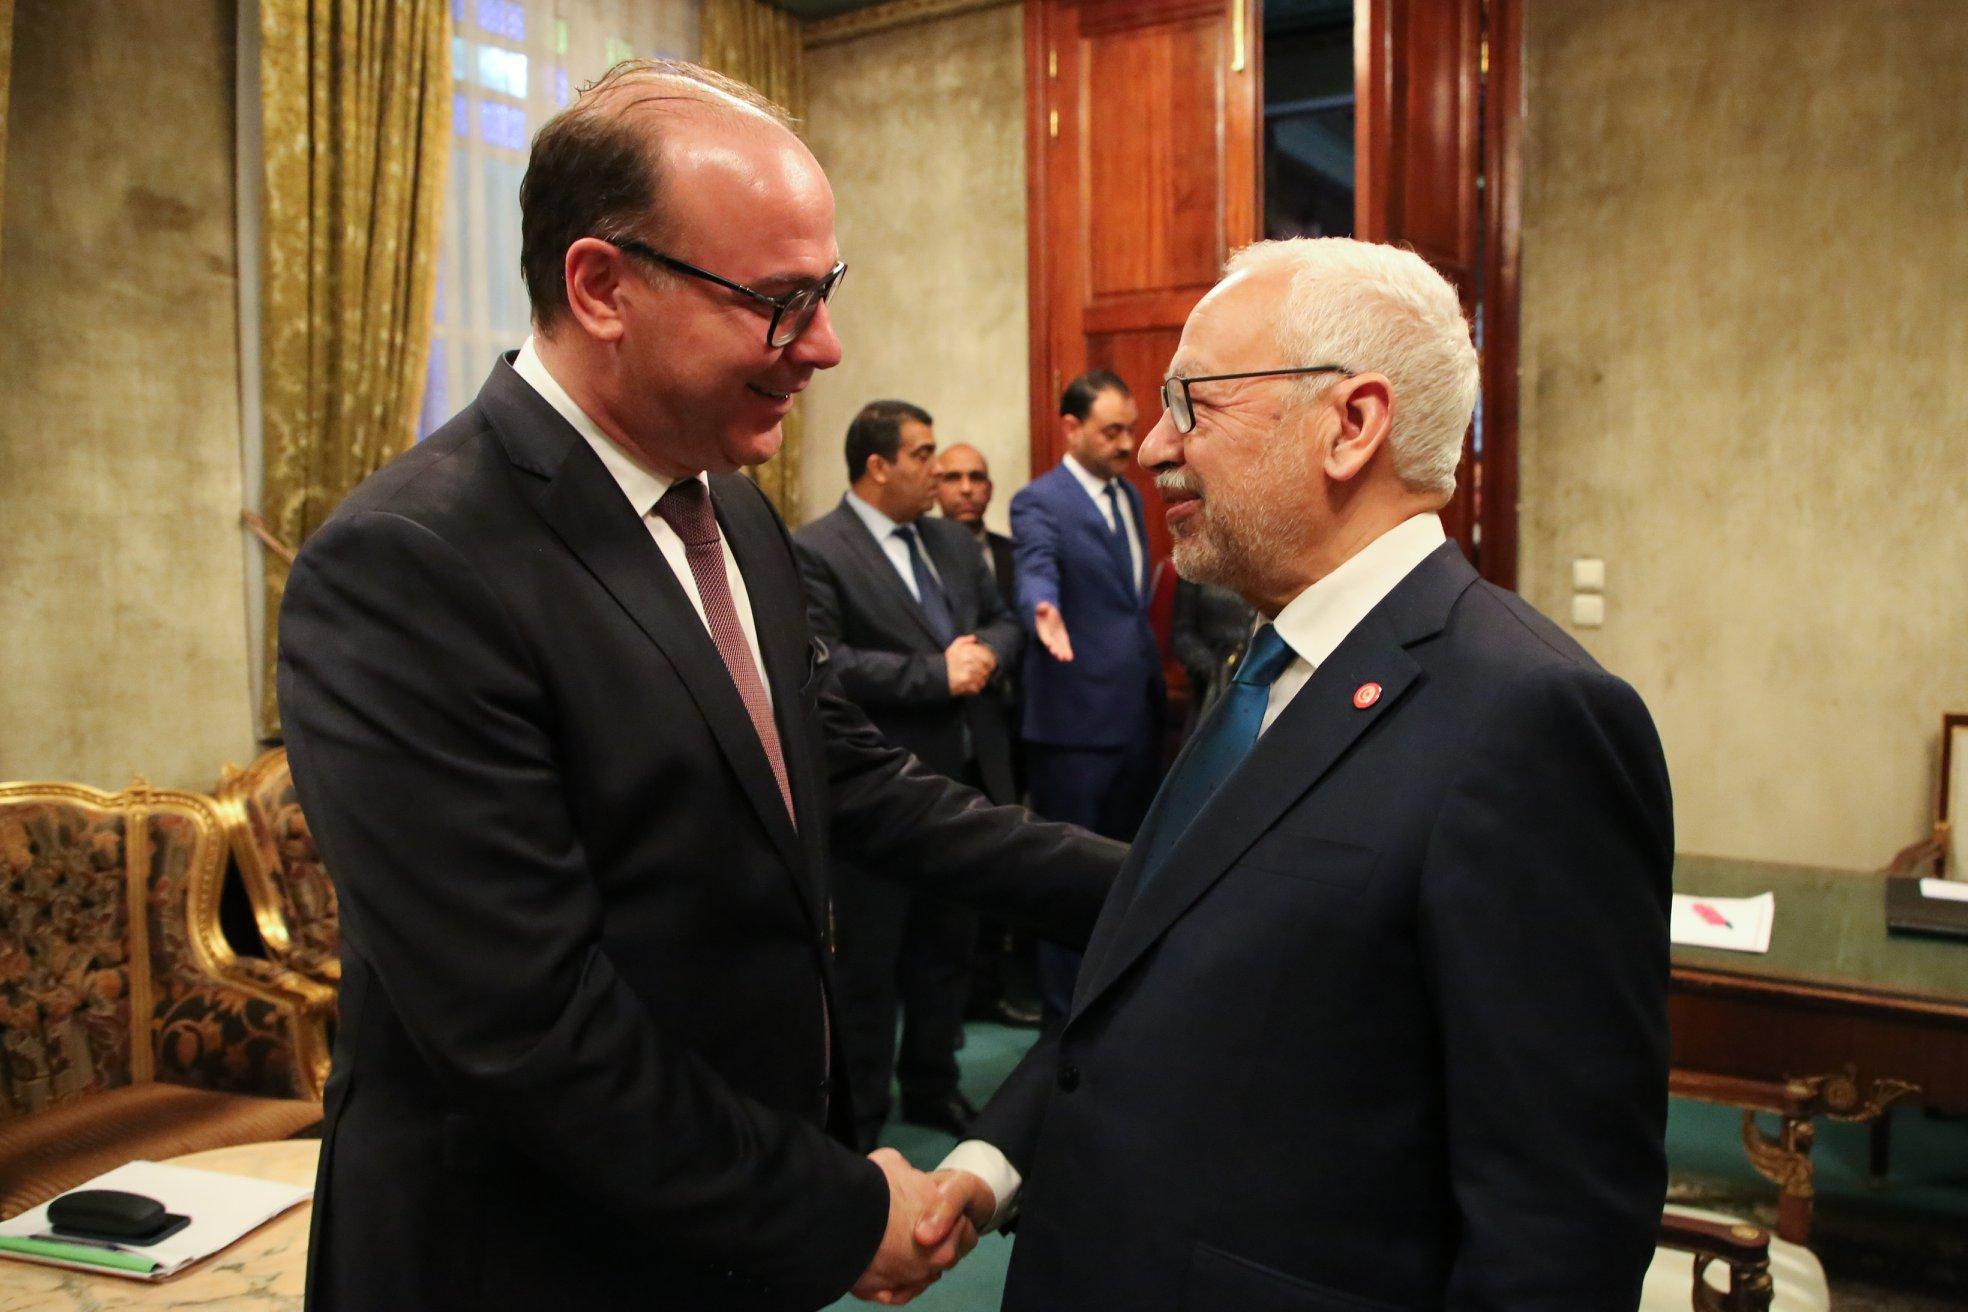 Tunisie : Rached Ghanouchi félicite Elyès Fakhfekh